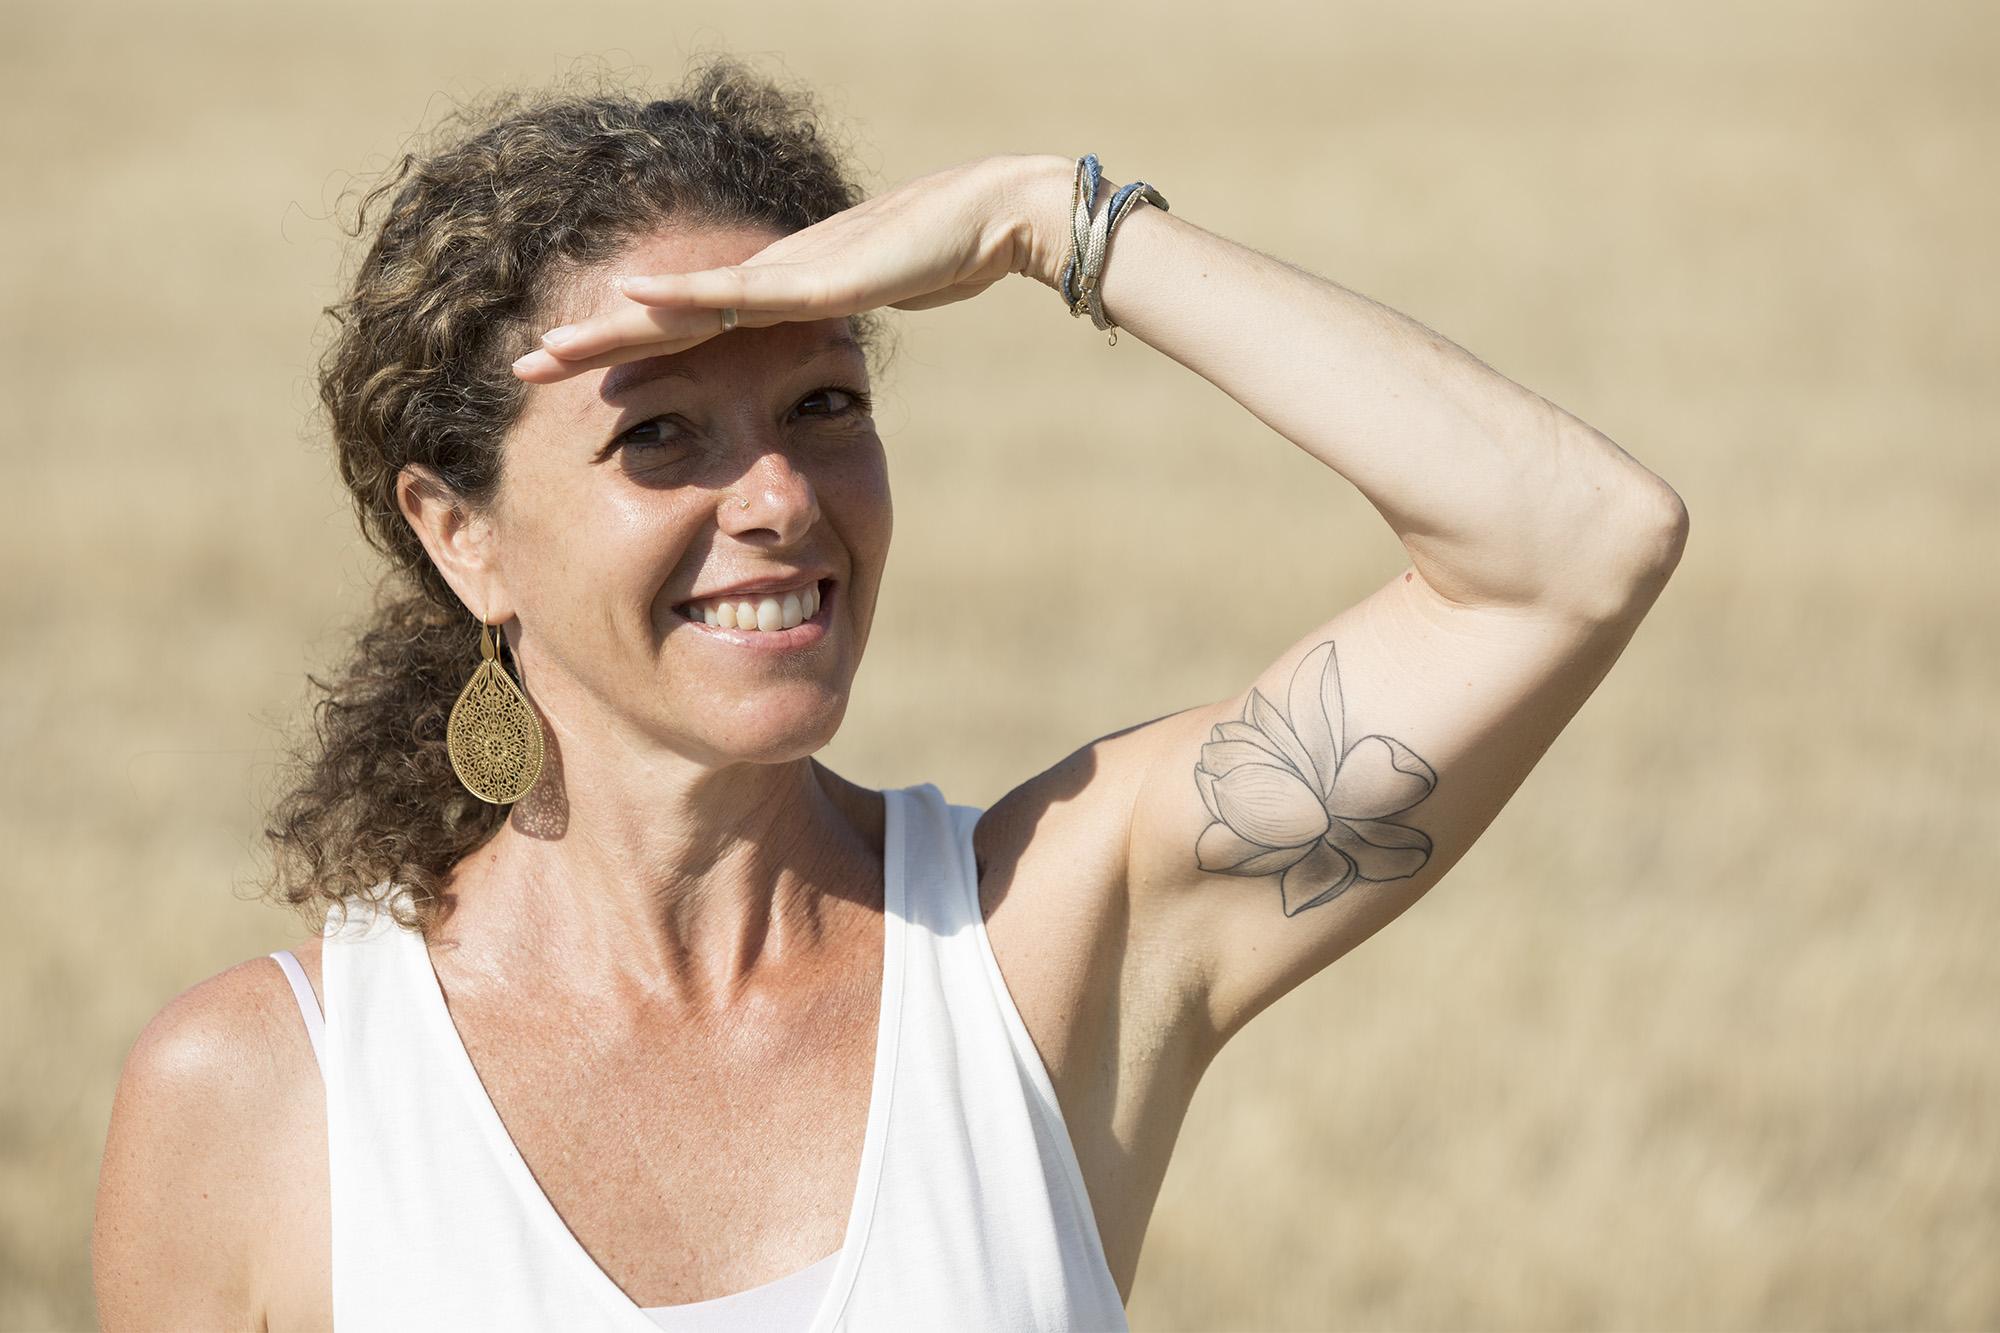 """patrizia - Thérapeute en Ayurveda - enseignante de Yoga · massages et traitements ayurvédiques · spécialisation en maternité · drainages lymphatiques ·Depuis ma plus tendre enfance, la nature est mon oasis de ressourcement. Je ressens un lien très fort avec notre chère Terre Mère. Elle m'inspire de par sa générosité et son abondance sans limites. Abondance et amour qui m'inspire également, dans les massages et la pratique du Yoga.Je découvre le Yoga en 1999, enceinte de mon premier enfant et puis l'Ayurveda en 2004.Depuis j'ai eu la chance de rencontrer sur mon chemin, des enseignants d'exceptions transmettant leur savoir avec un grand respect.En 2011, la rencontre avec mon maître, ami et frère spirituel Sri Andrei Ram, métamorphose ma pratique du Yoga. Son enseignement est complet, subtil et profond. Il nous guide avec douceur et détermination vers une compréhension et une ouverture du coeur à la foi individuelle et collective.Grâce à lui j'explore désormais une dimension spirituelle que je n'avais encore jamais expérimentée.En 2017, il m'initie selon la tradition et me donne le nom spirituel de """"Shanti Ma"""".En 2018, je reçois un enseignement de méditation en Inde, en tant que formatrice Heartfulness.Avec gratitude, dévotion et amour, je partage avec ceux qui m'entourent tout ce que je réalise à travers ma pratique personnelle, afin que chacun puisse trouver son chemin vers l'auto réalisation.Thérapeute agréée ASCAwww.patrizialarotonda.com+41 78 818 10 84"""